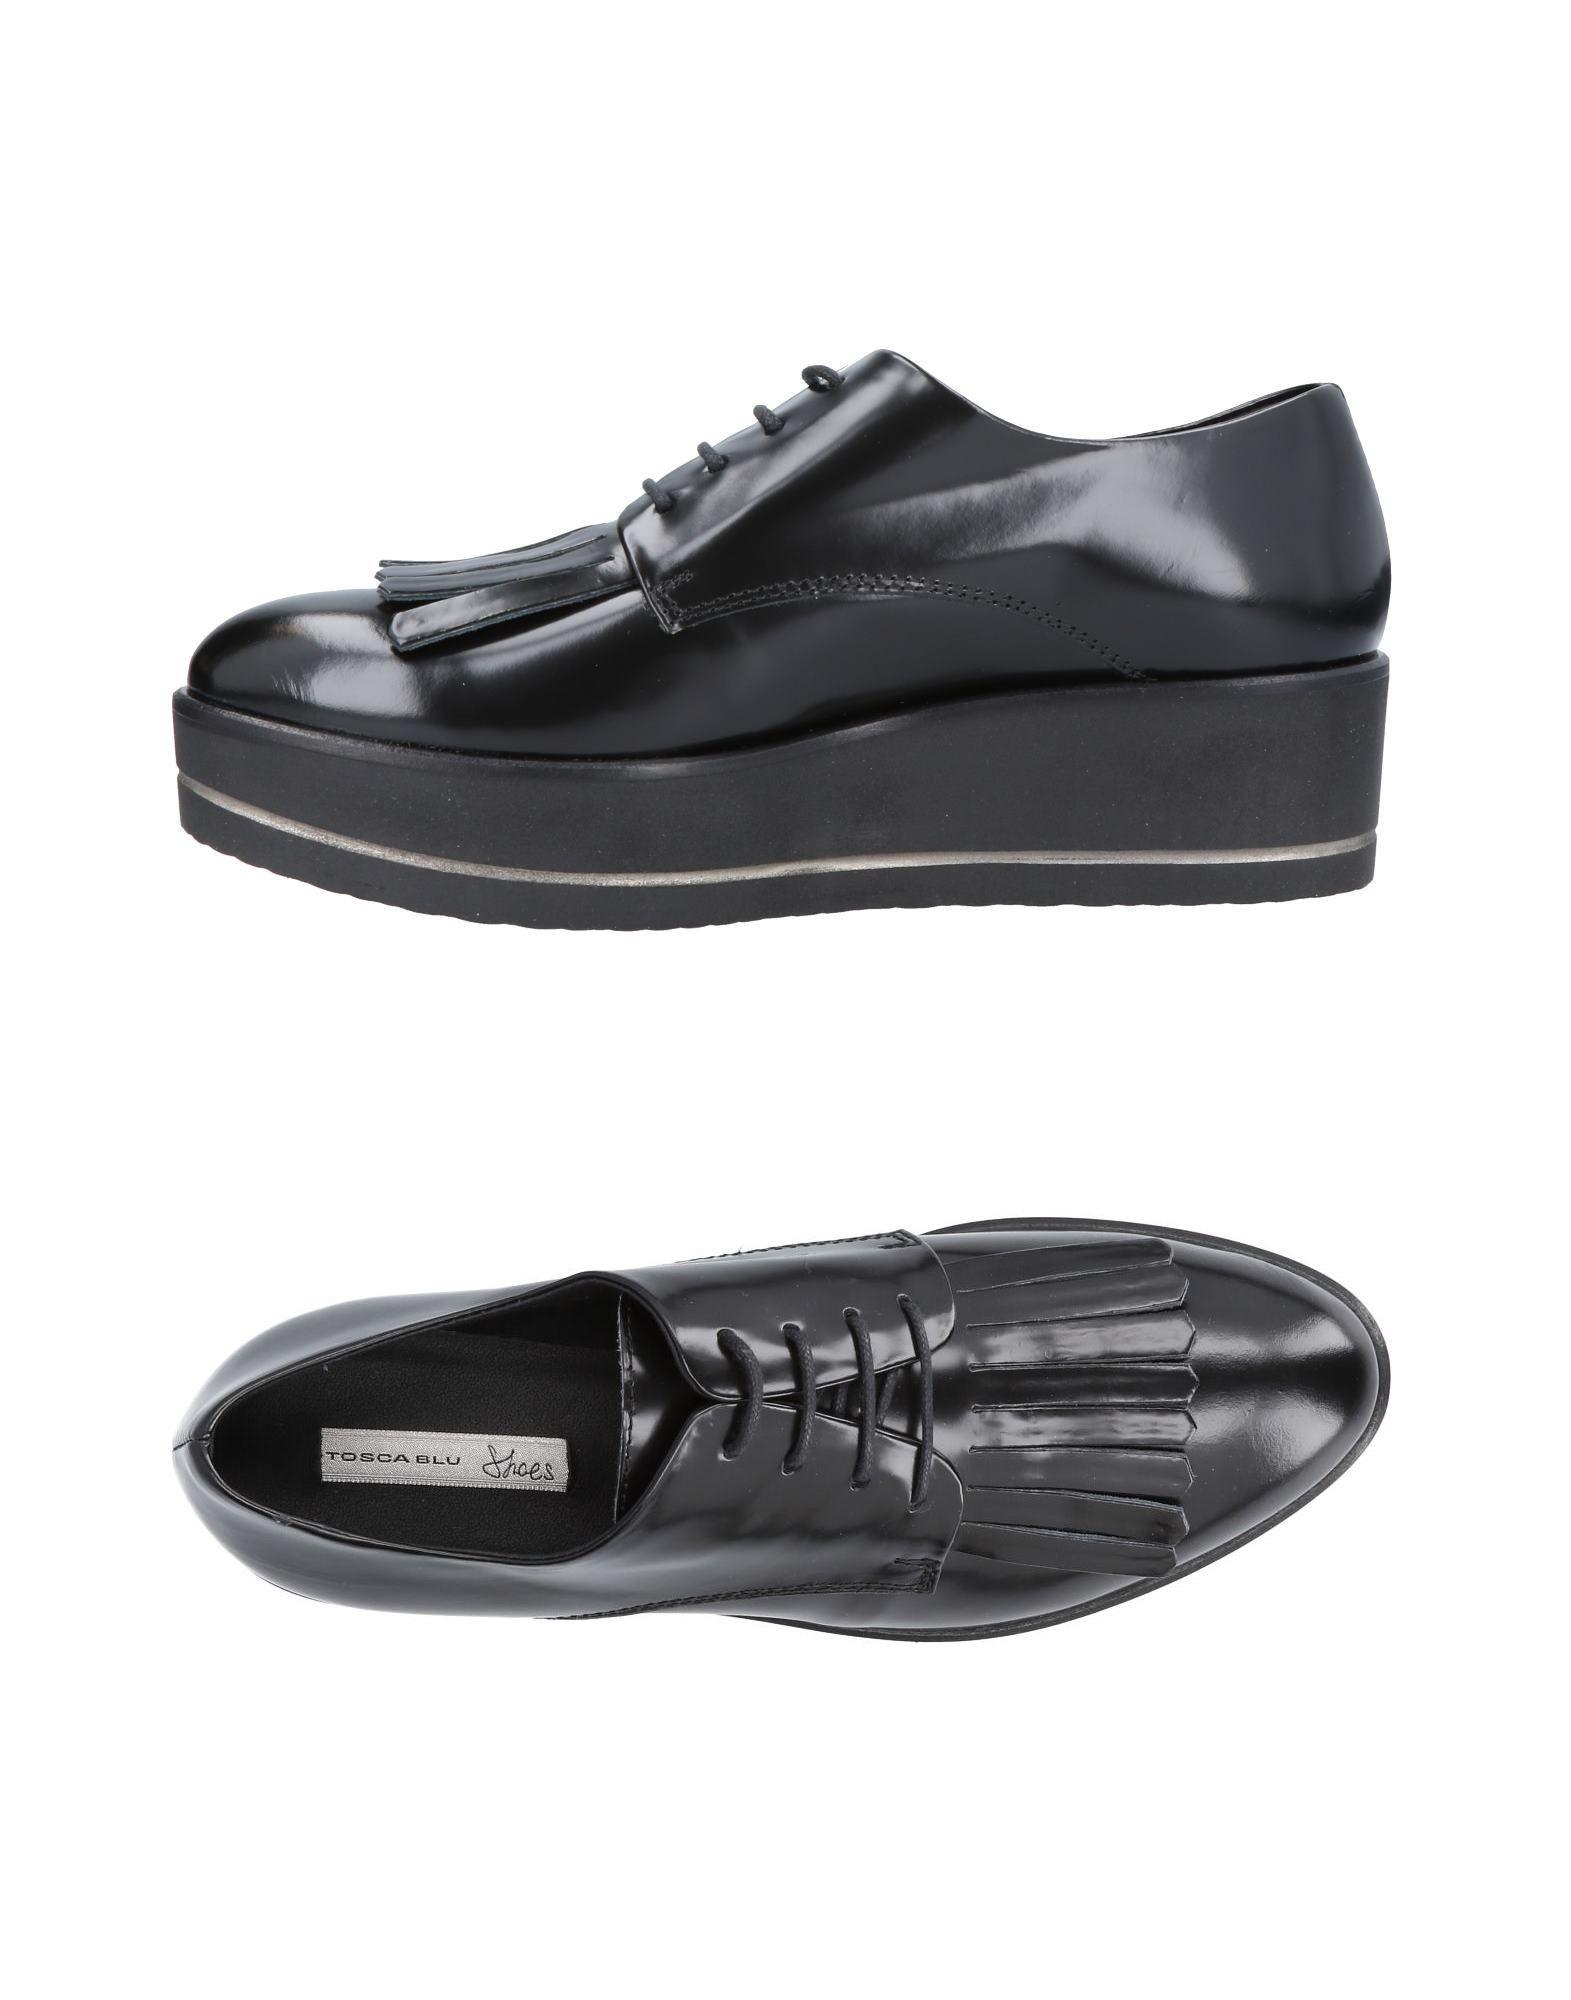 Stringate Tosca Blu Shoes Donna - 11468164CS